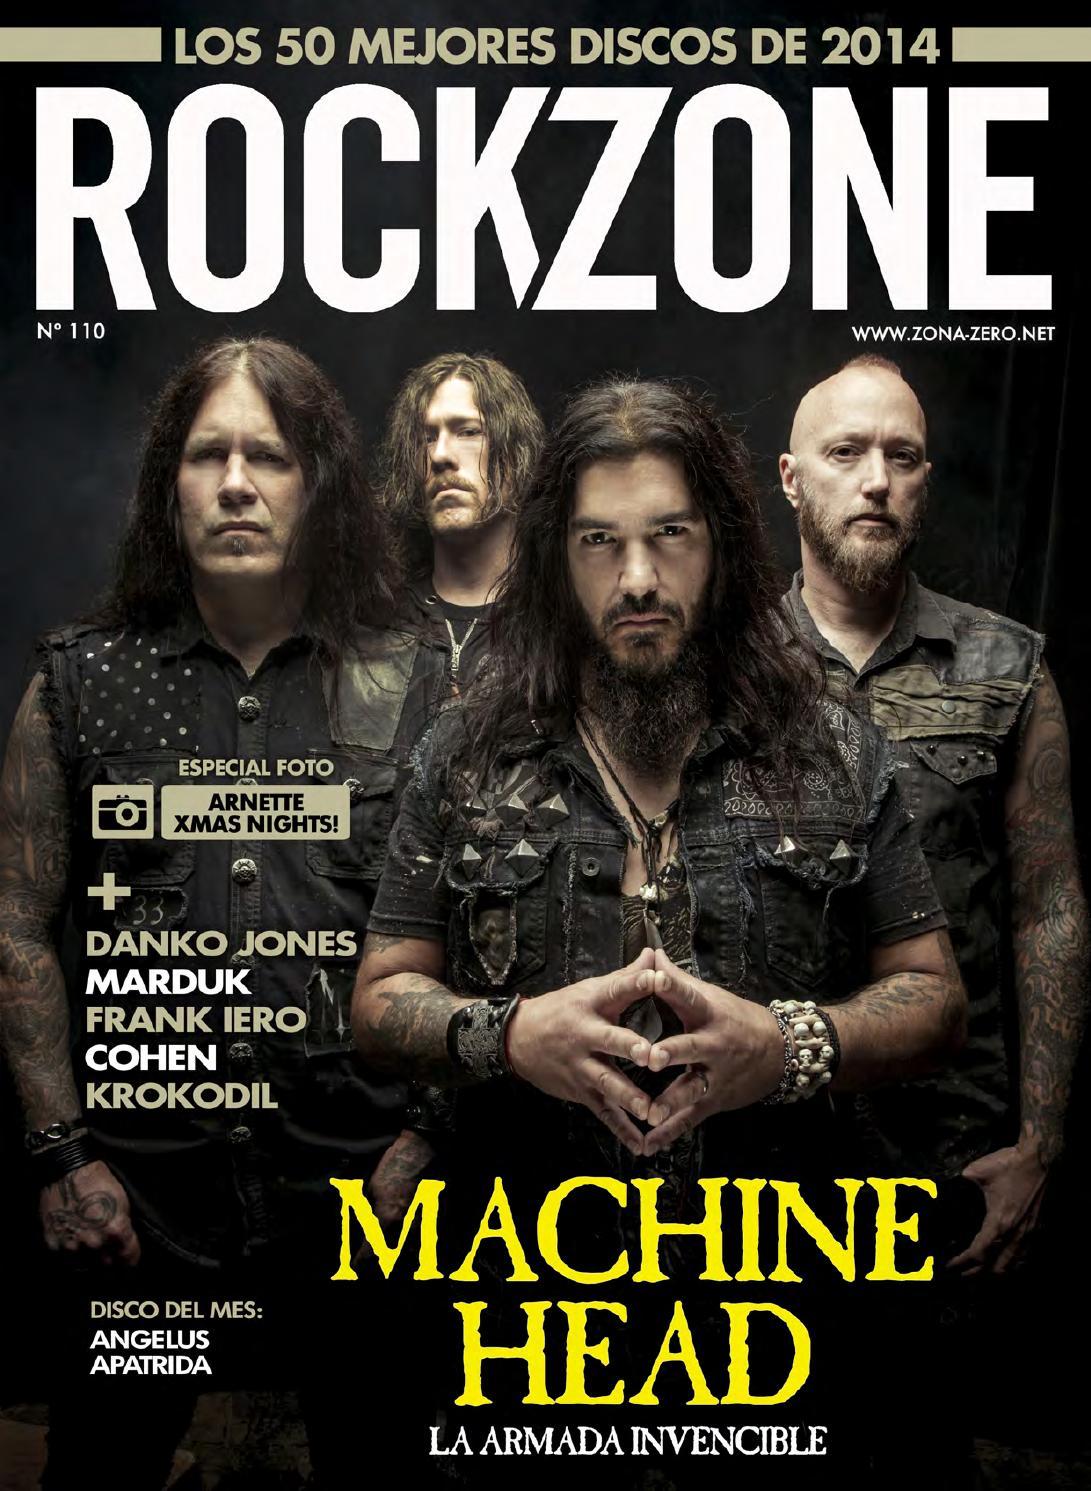 RockZone 110 - 01 2015 by ROCKZONE - issuu 0f02f335ff6